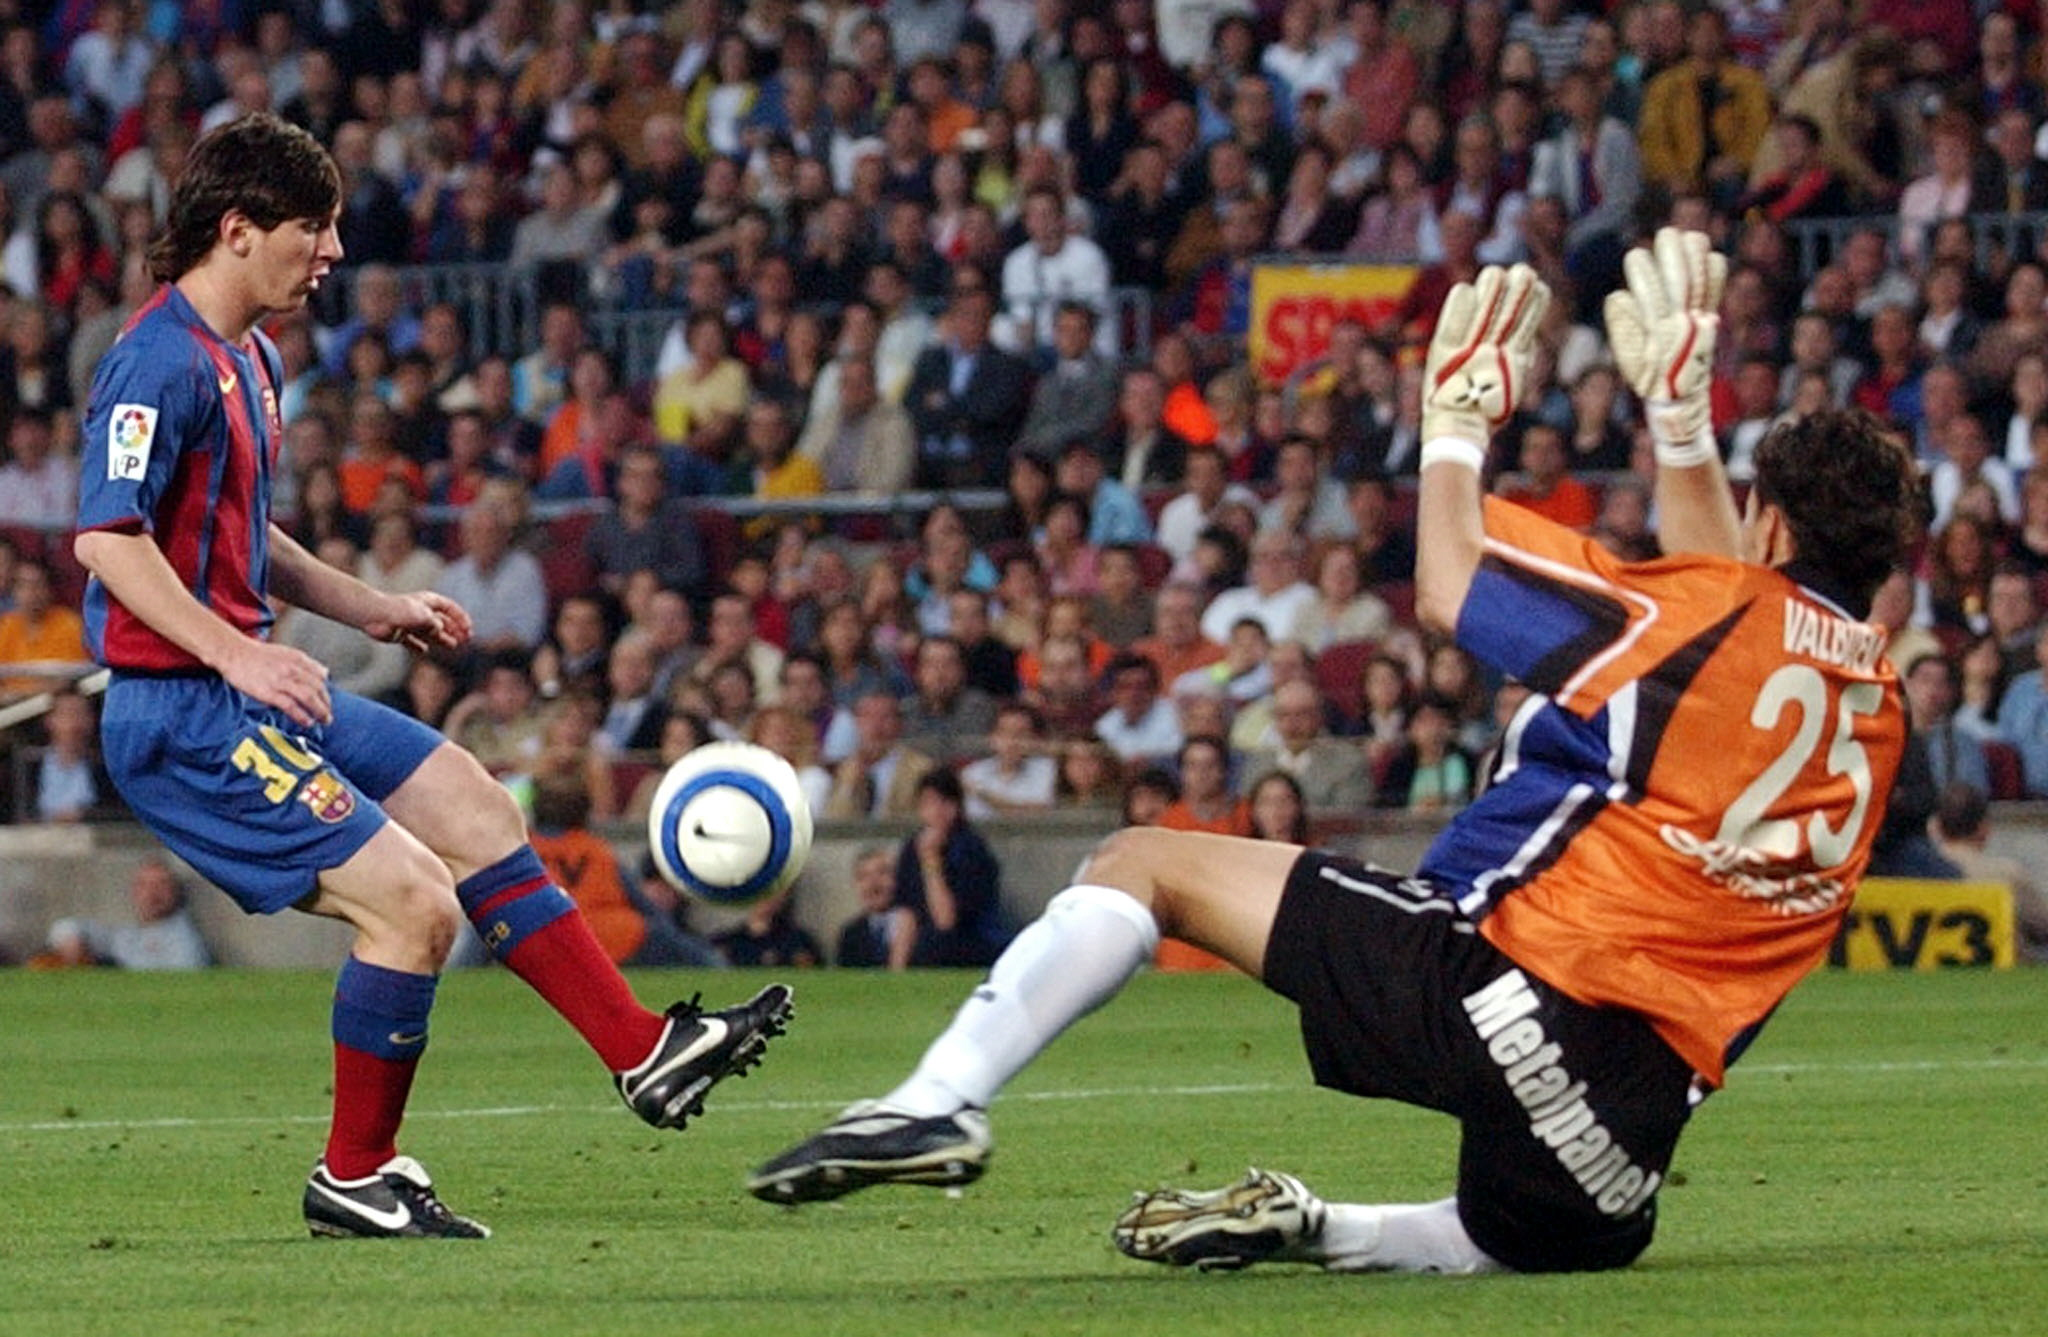 B16. BARCELONA, 1/05/05.- El jugador del F.C. Barcelona Messi (i) supera la salida del portero del Albacete Valbuena para conseguir el segundo gol de su equipo, durante el partido de Liga disputado hoy en el Camp Nou de Barcelona. EFE/Albert Olive.